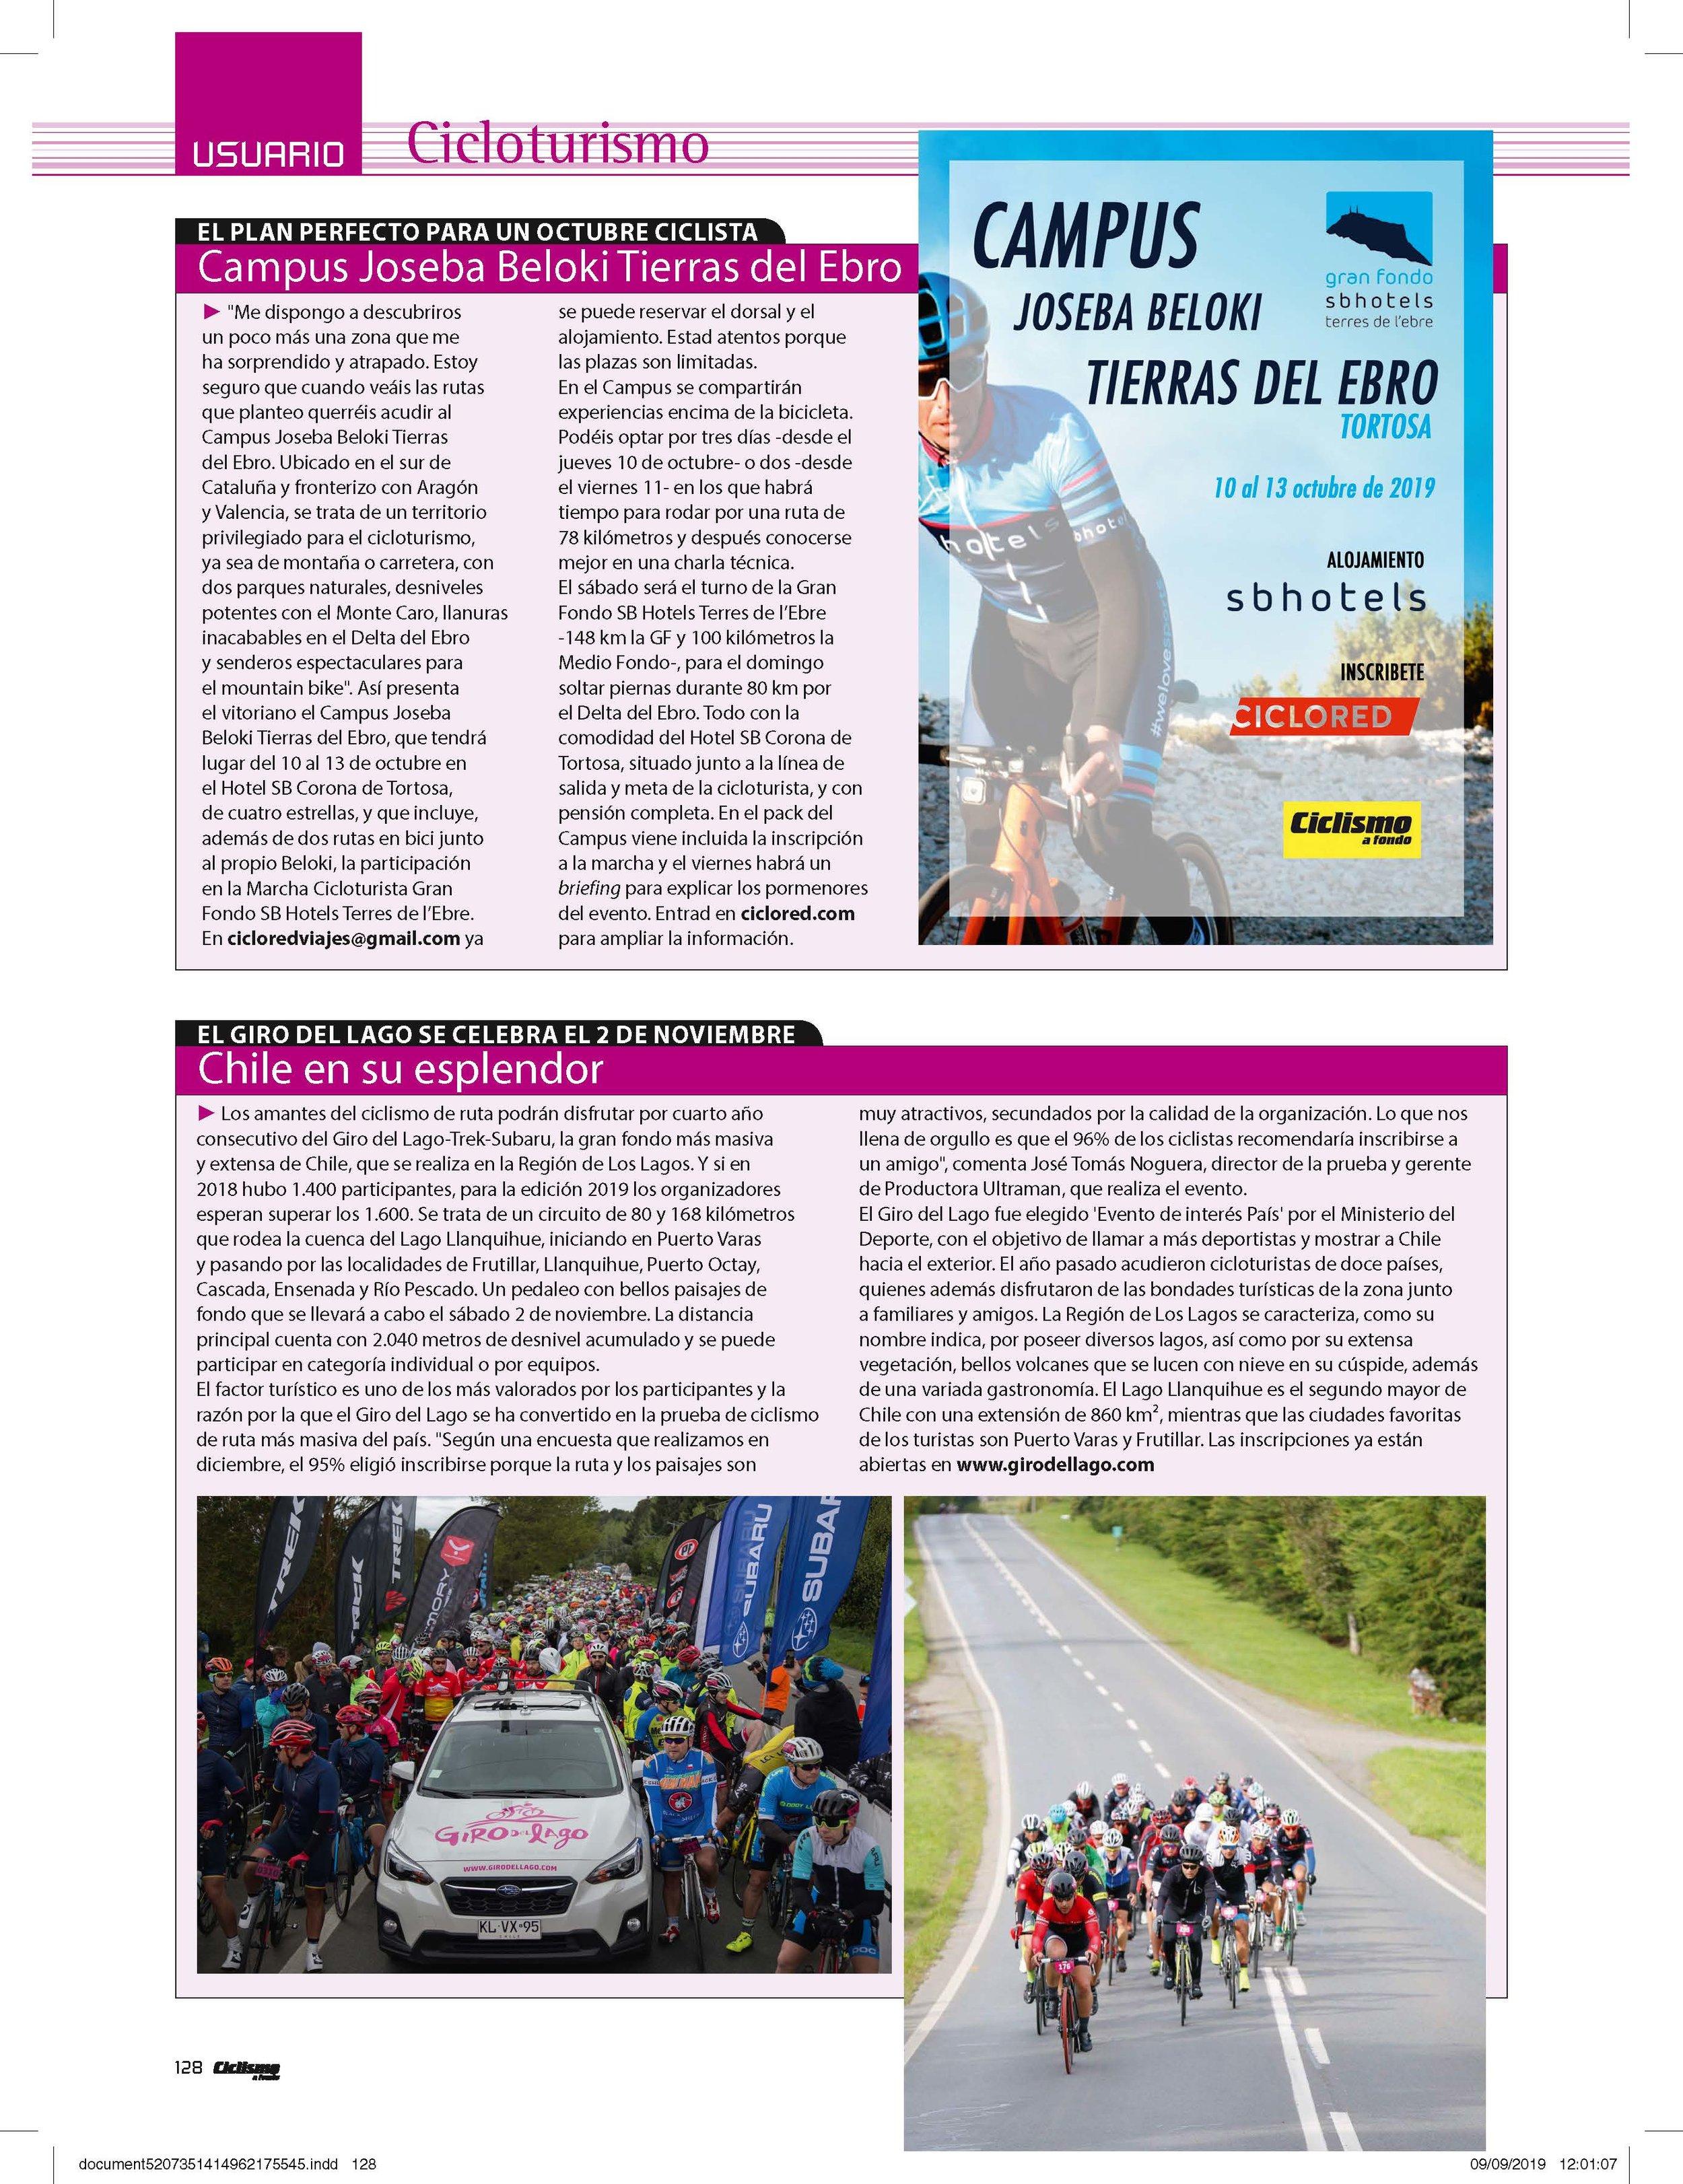 Revista Ciclismo a fondo-Ventana Cicloturista_1_1683765 (1).jpg